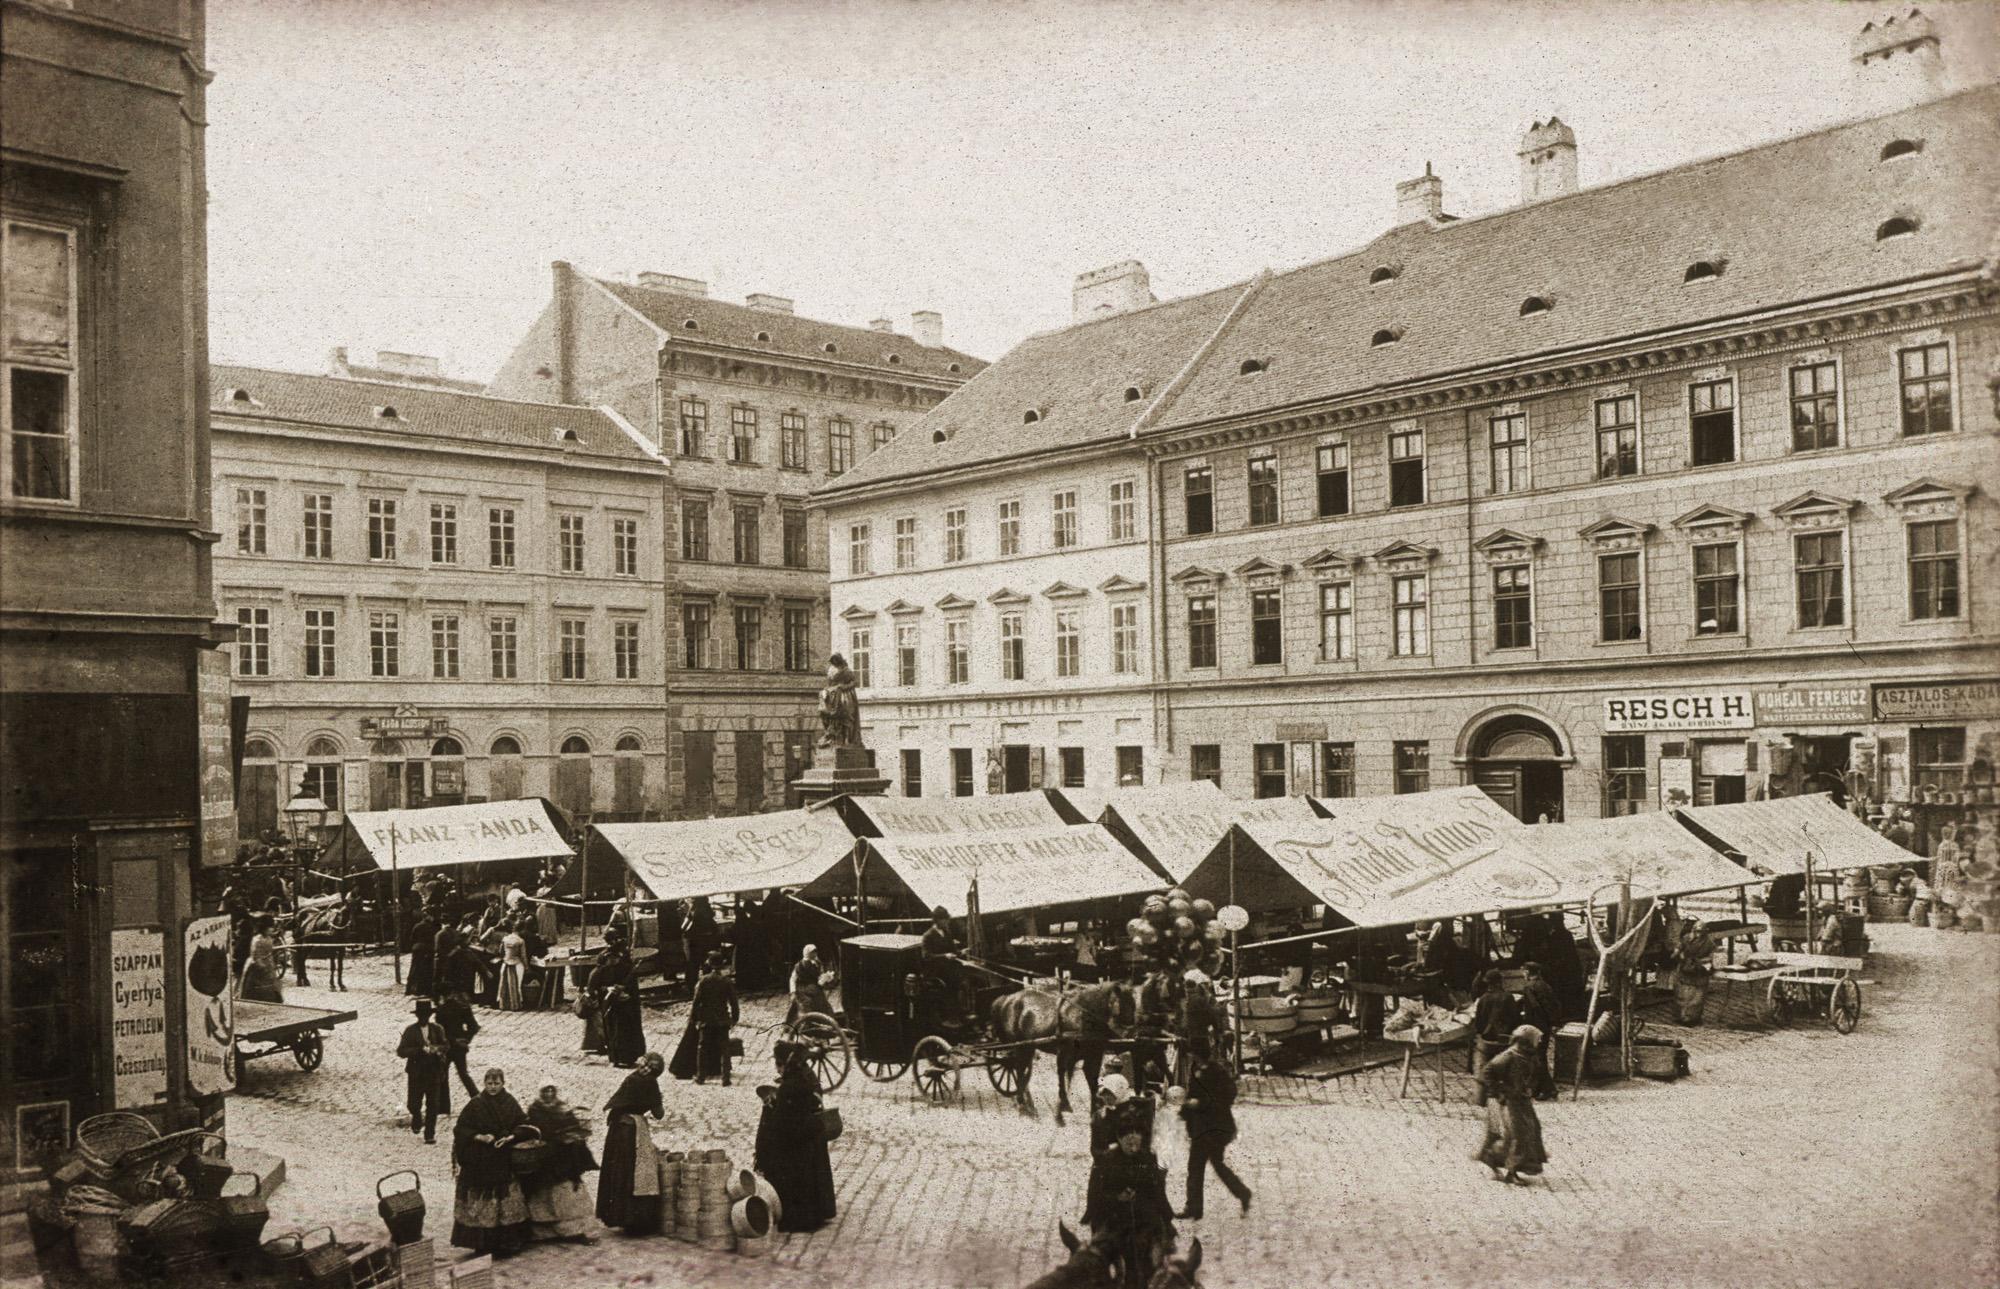 Fotó: Klösz György: Hal tér, 1895 (Kisképző Digitális Fotótár)